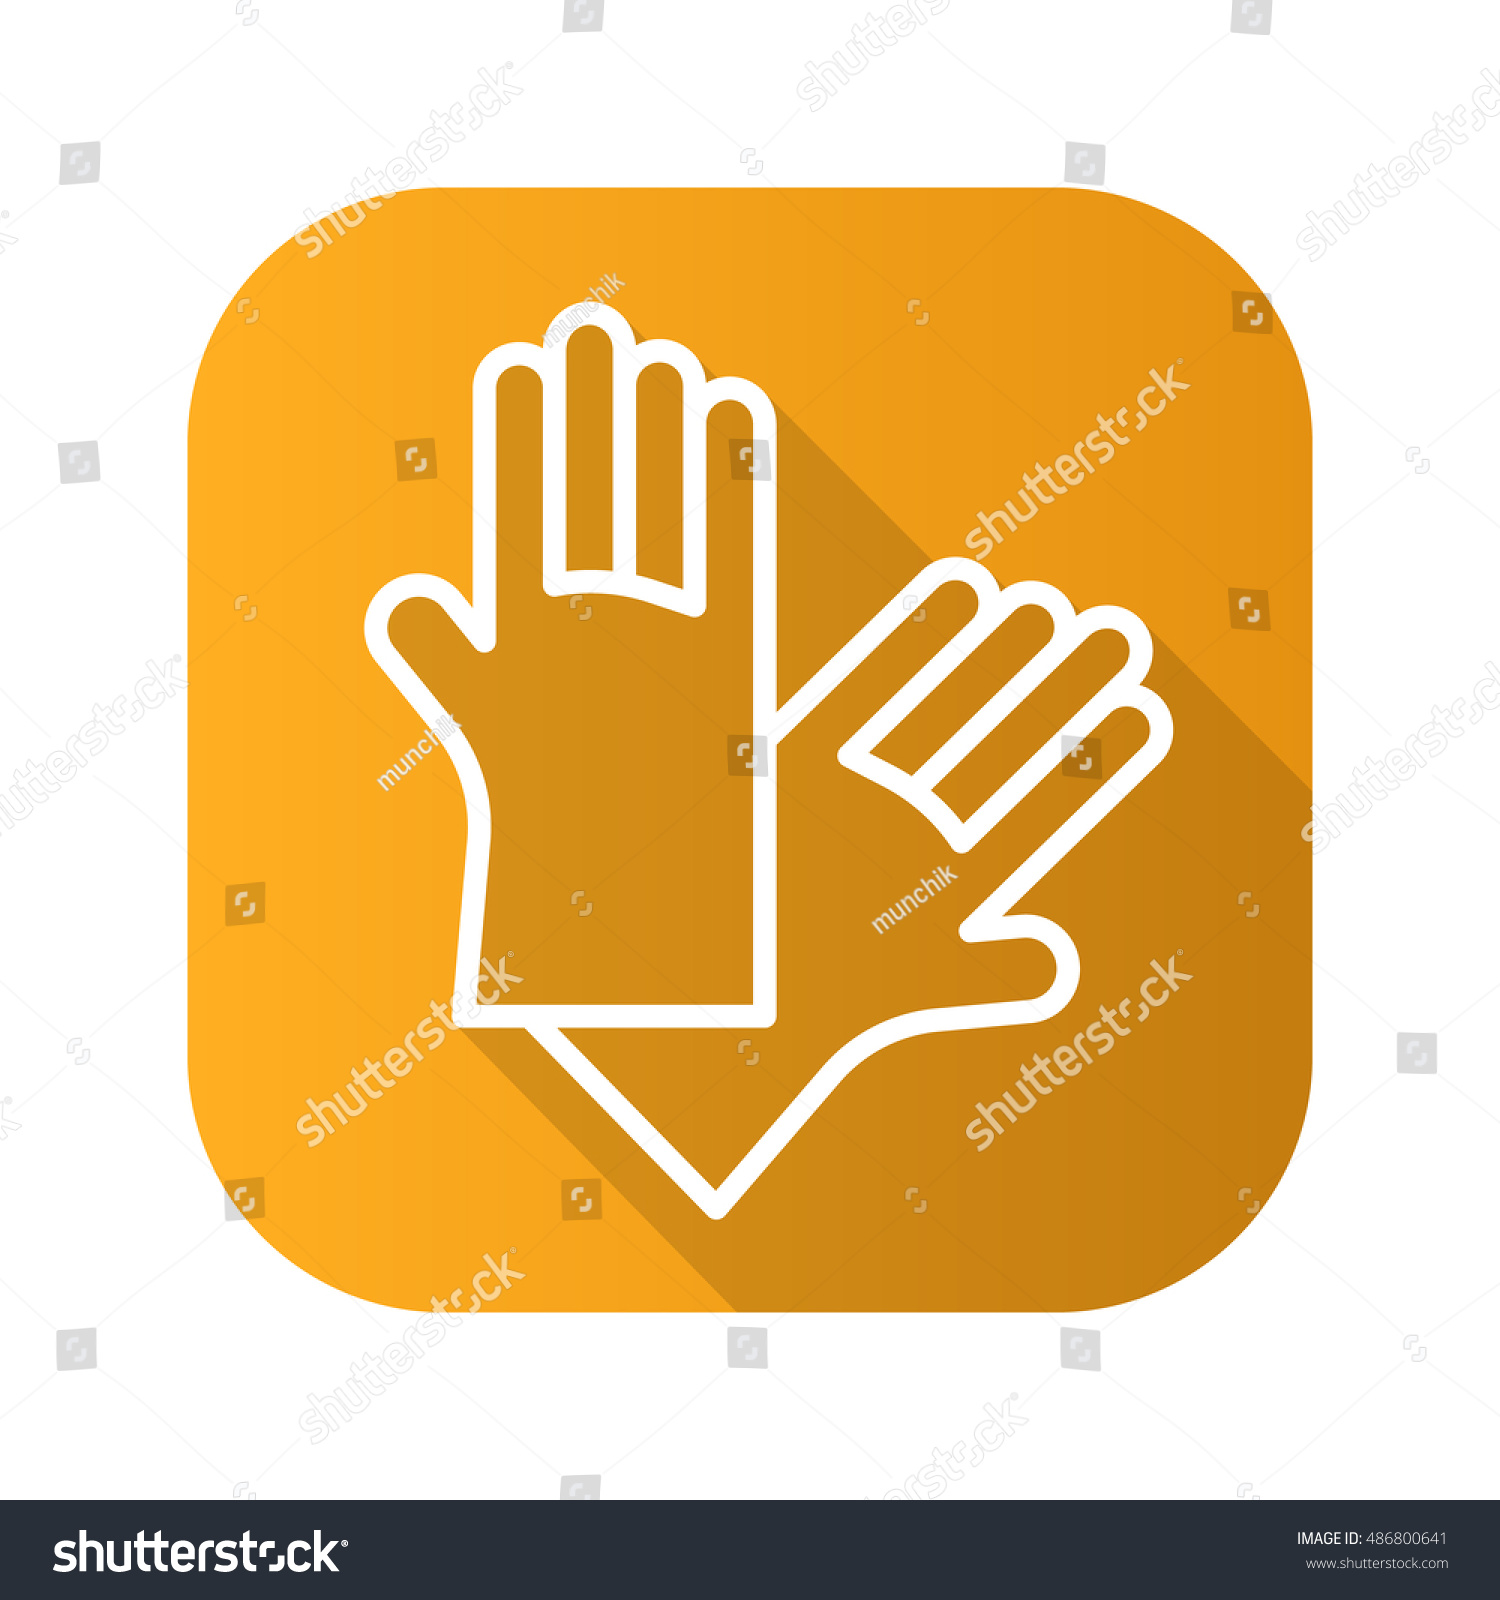 Latex gloves flat linear long shadow stock vector 486800641 latex gloves flat linear long shadow stock vector 486800641 shutterstock biocorpaavc